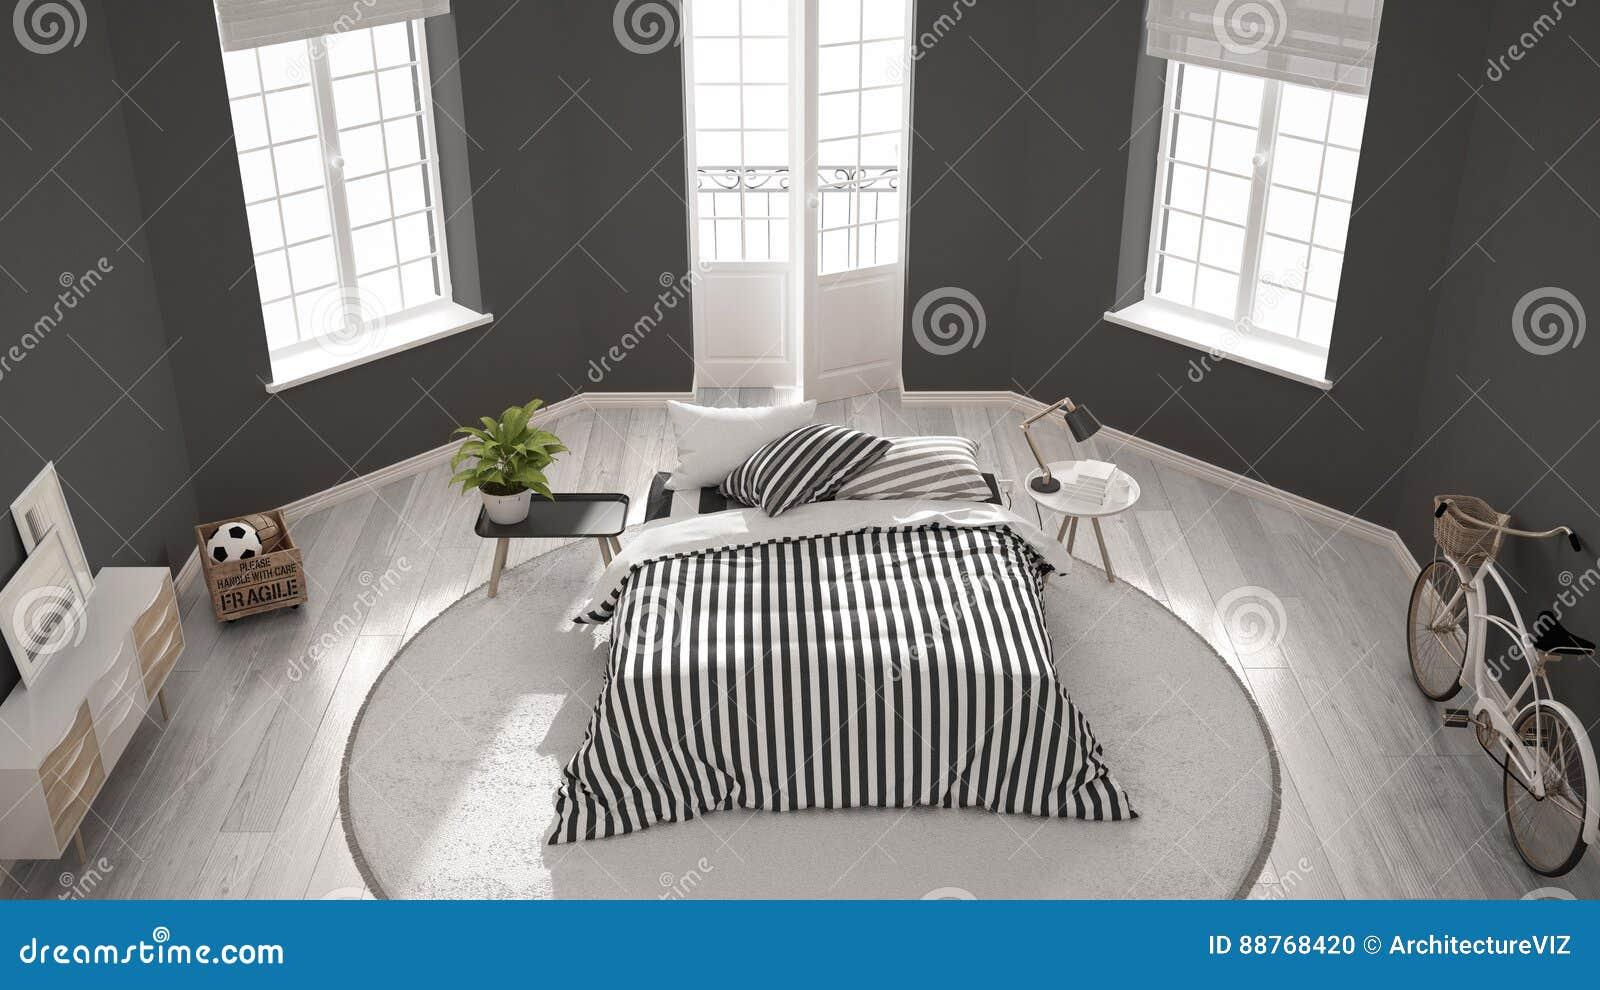 Camere Da Letto Nordiche : Camera da letto bianca moderna minimalista interior design nordico